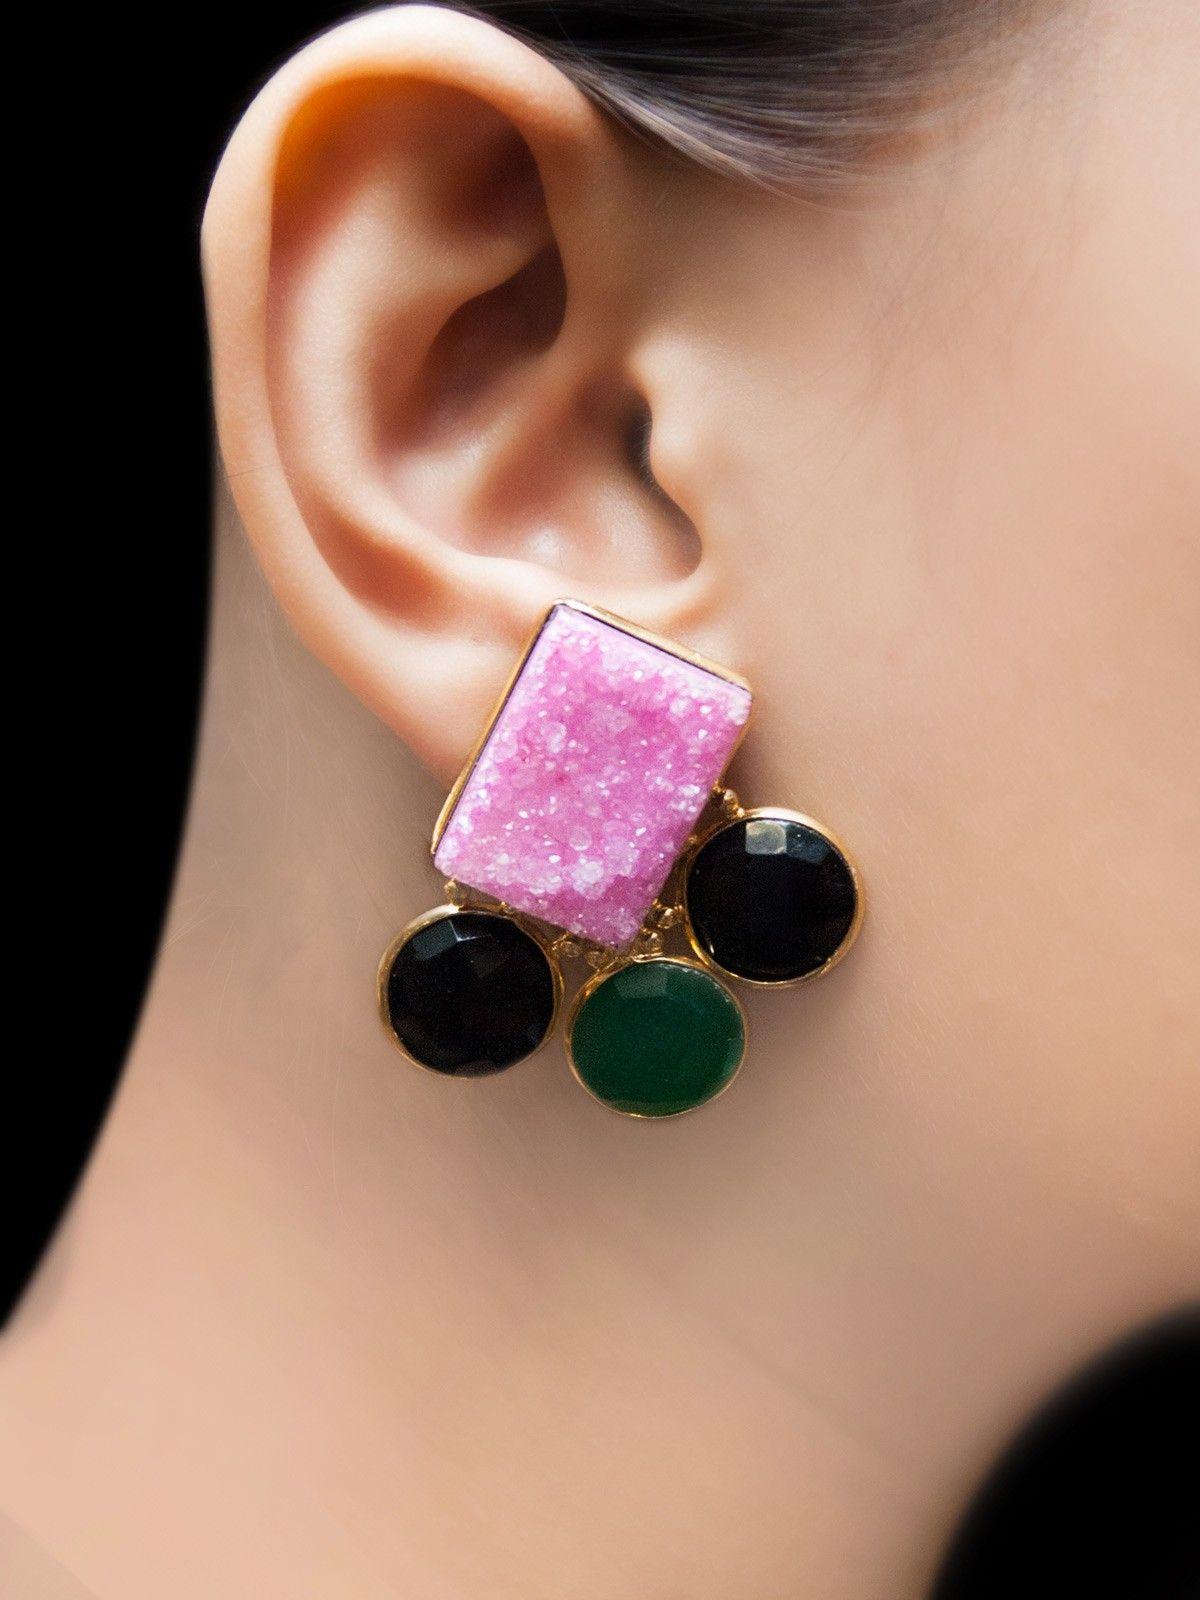 Neptune triton earrings